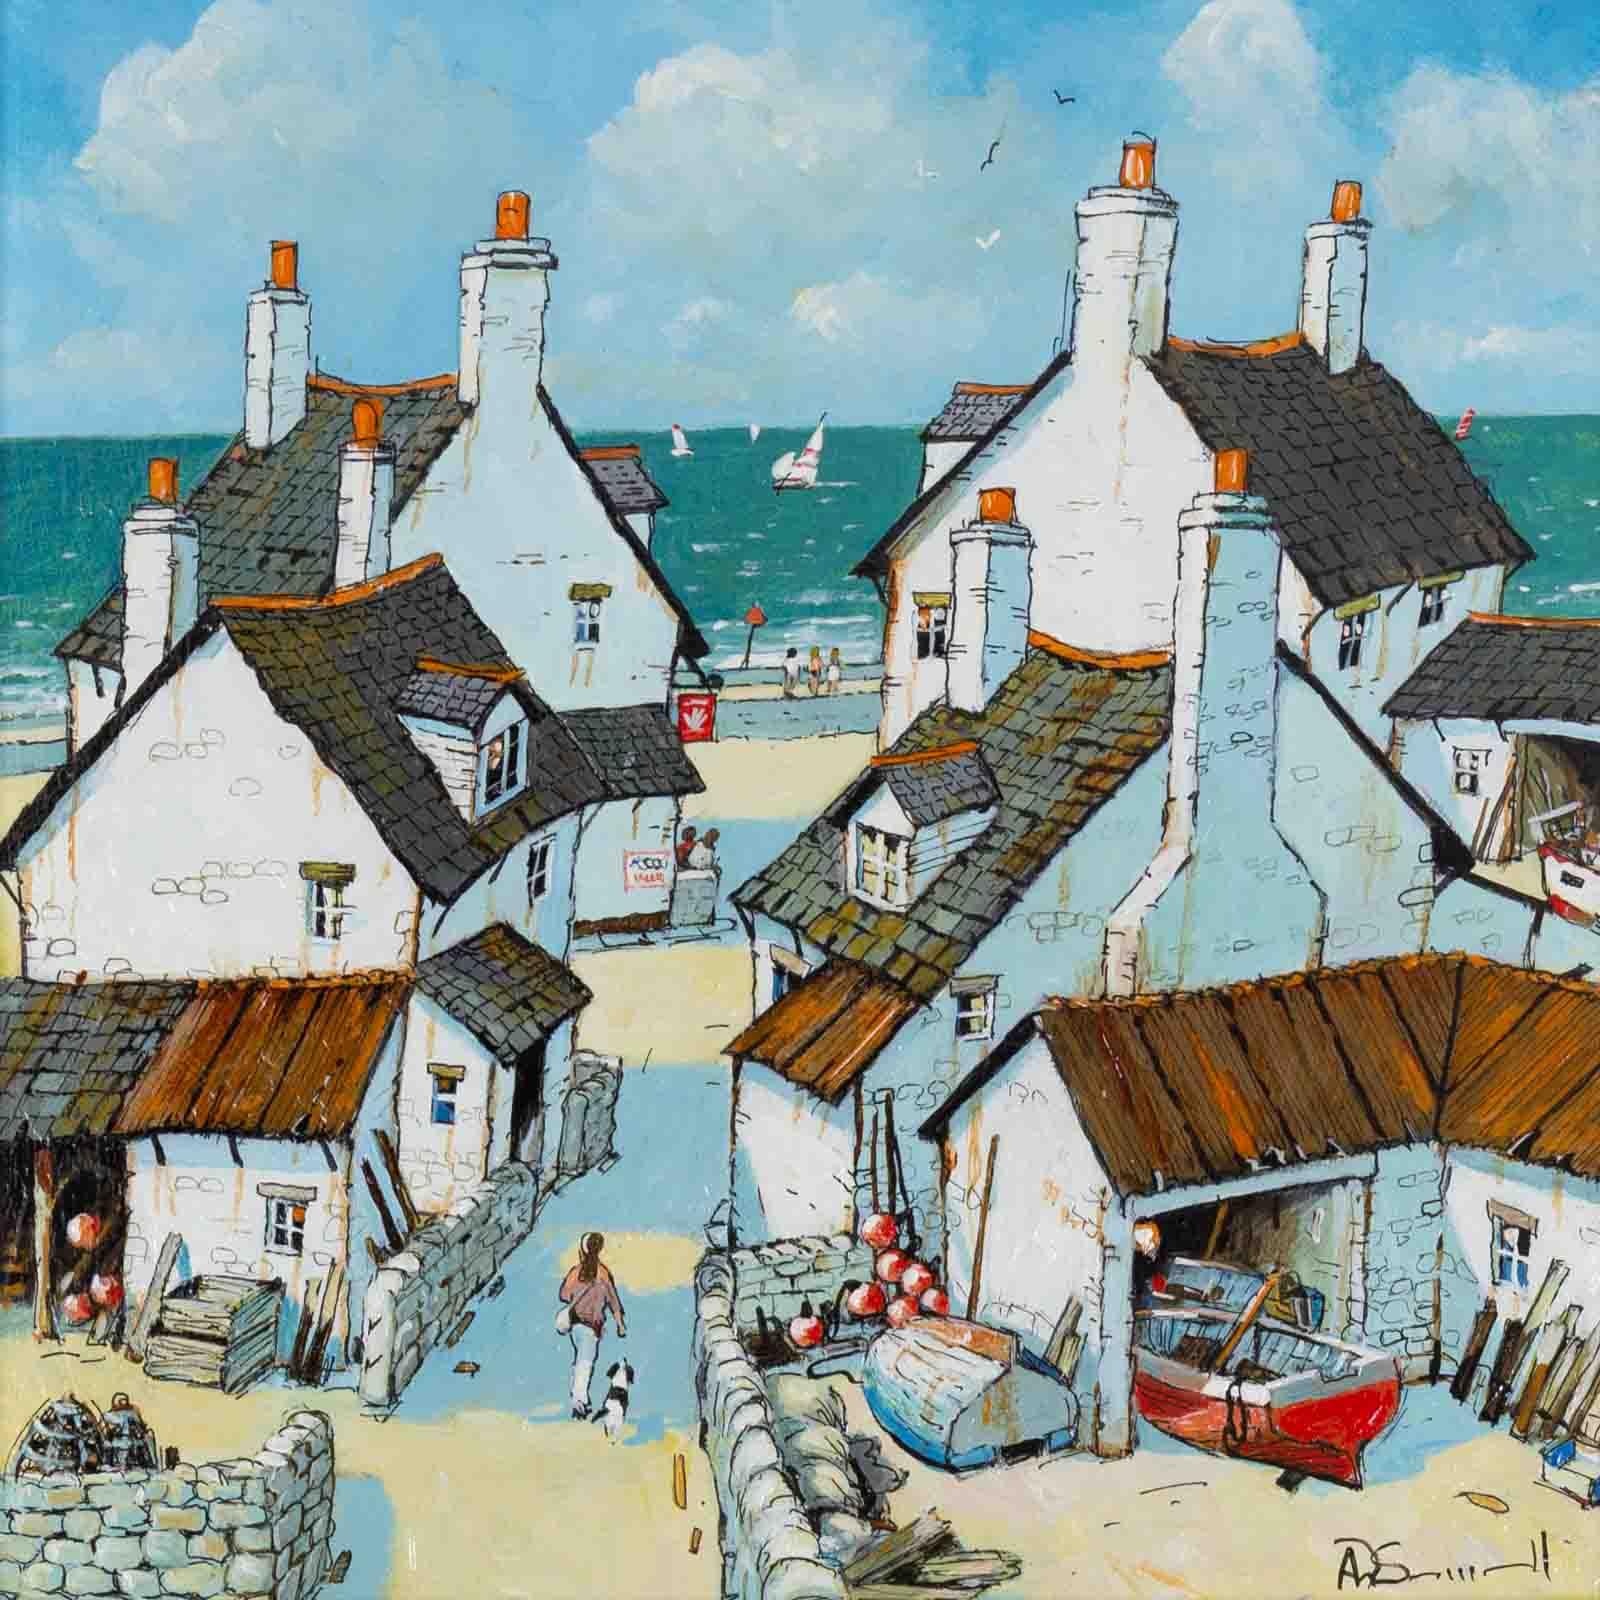 Cornish Fishing Village